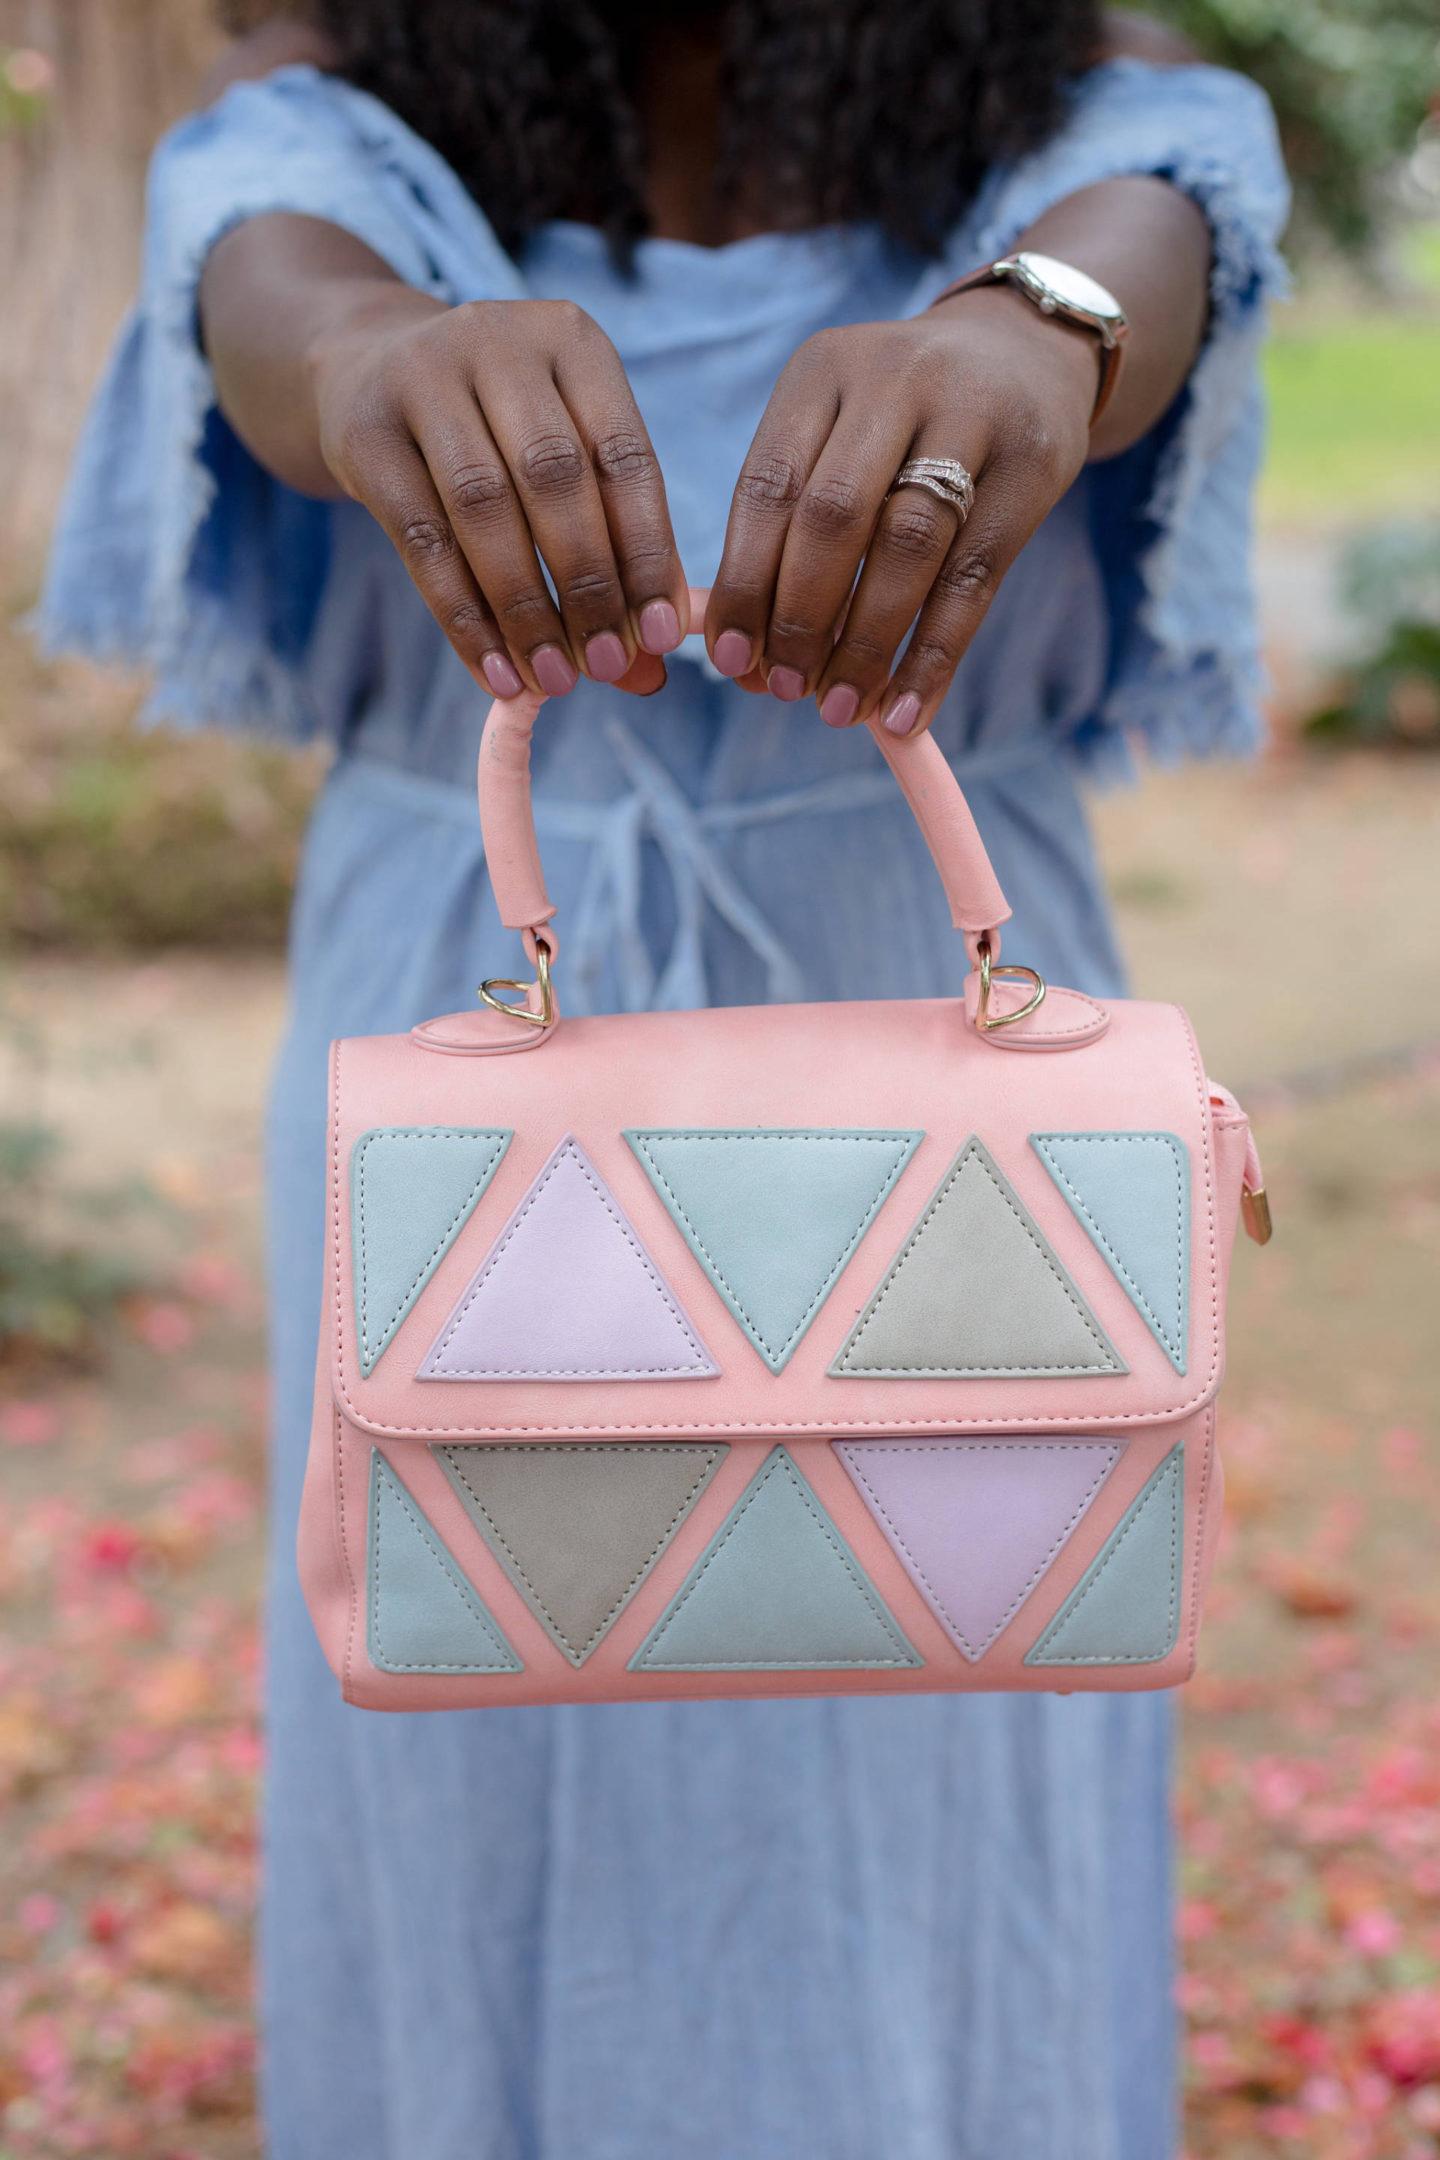 off-shoulder-dresses-shop-pink-blush- statement bag